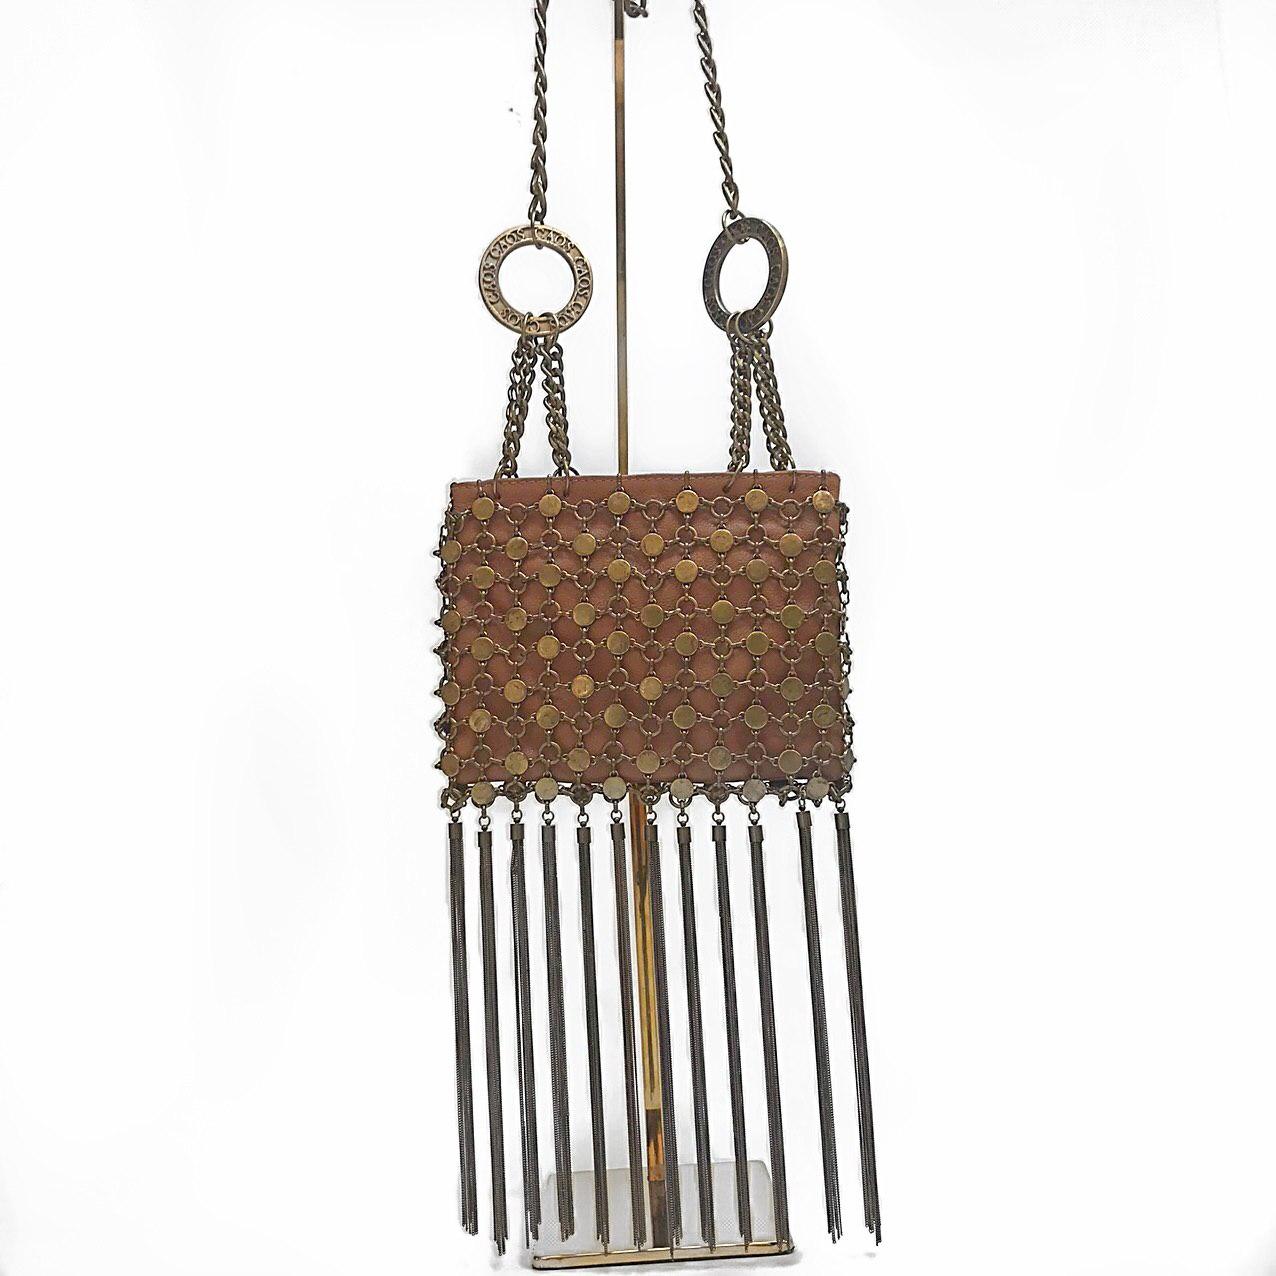 Bolsa com elos de metais e franja